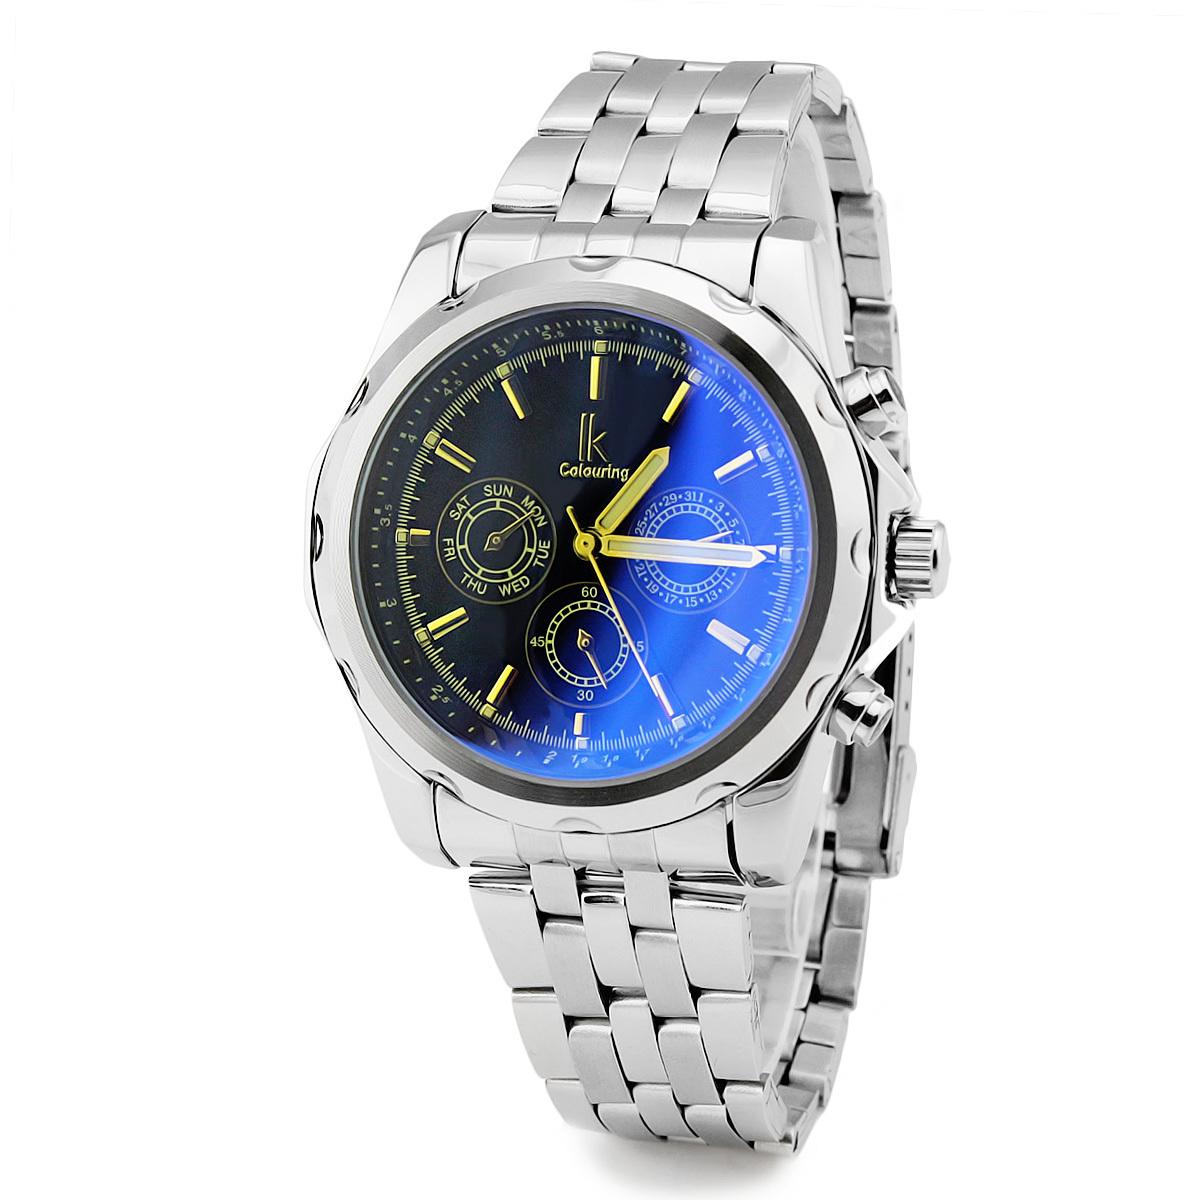 Fes это часы, которые имеют циферблат читаем дисплей , ремень.